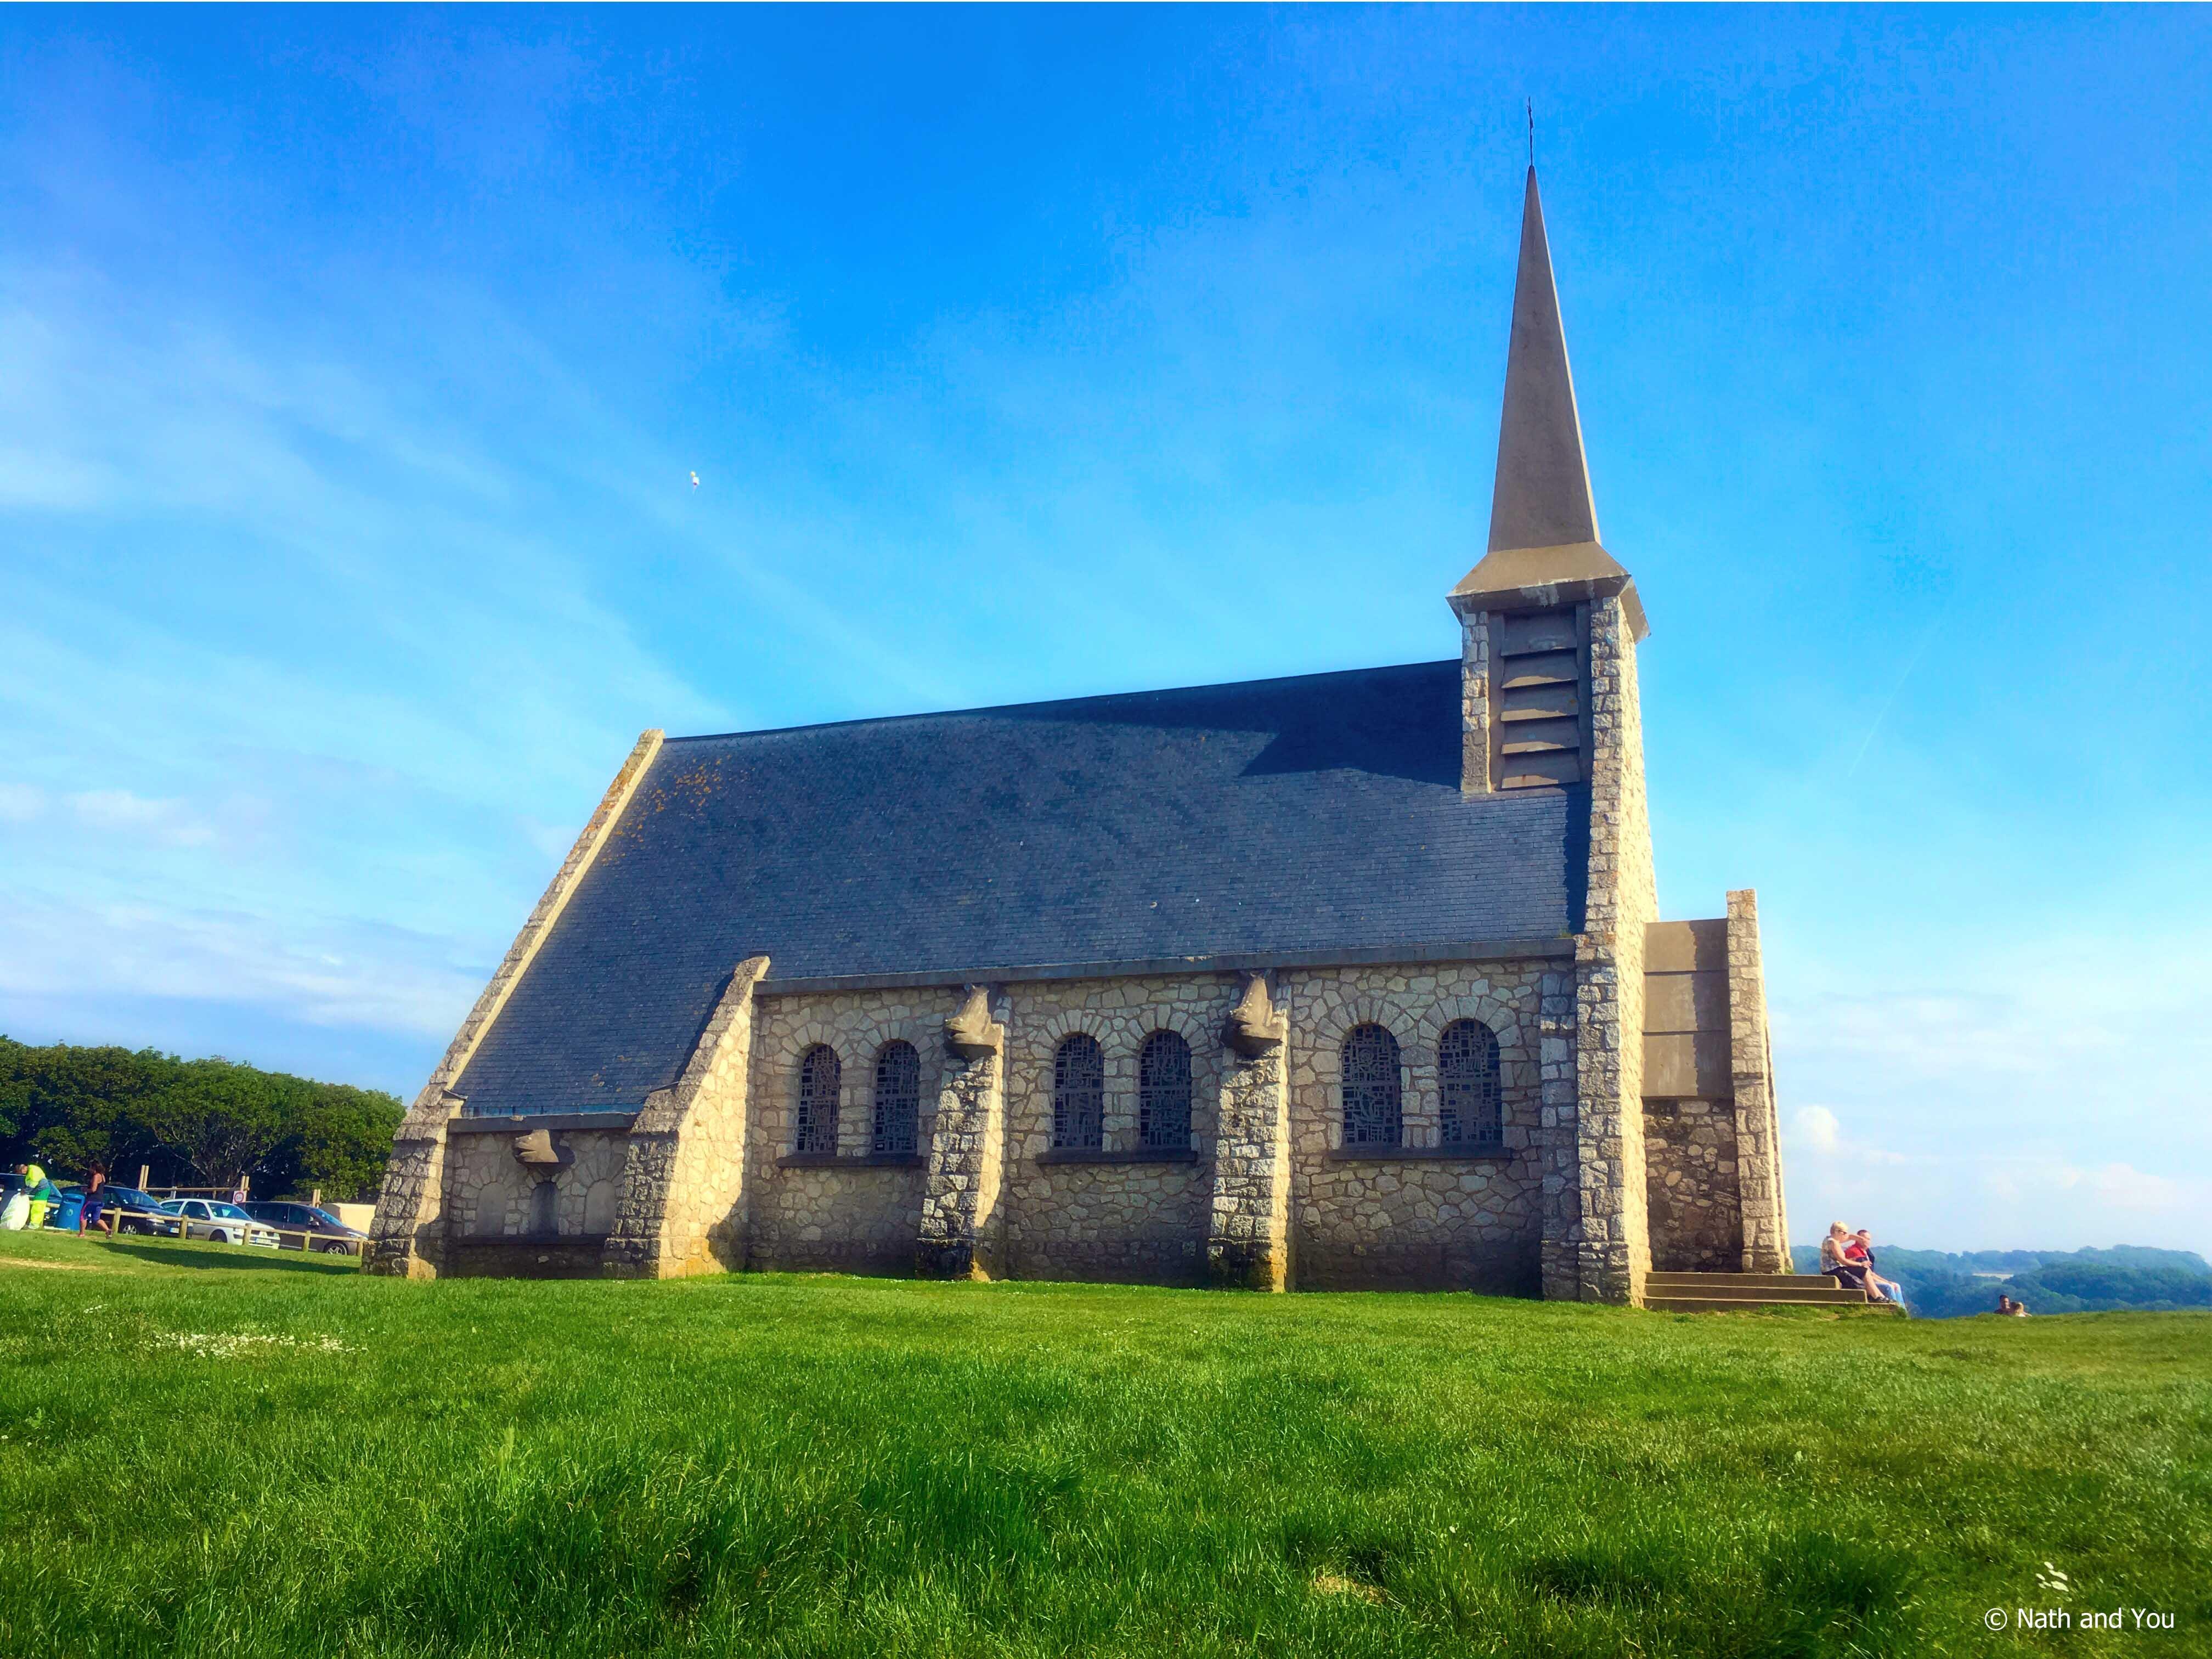 chapelle-notre-dame-de-la-garde-etretat-nath-and-you